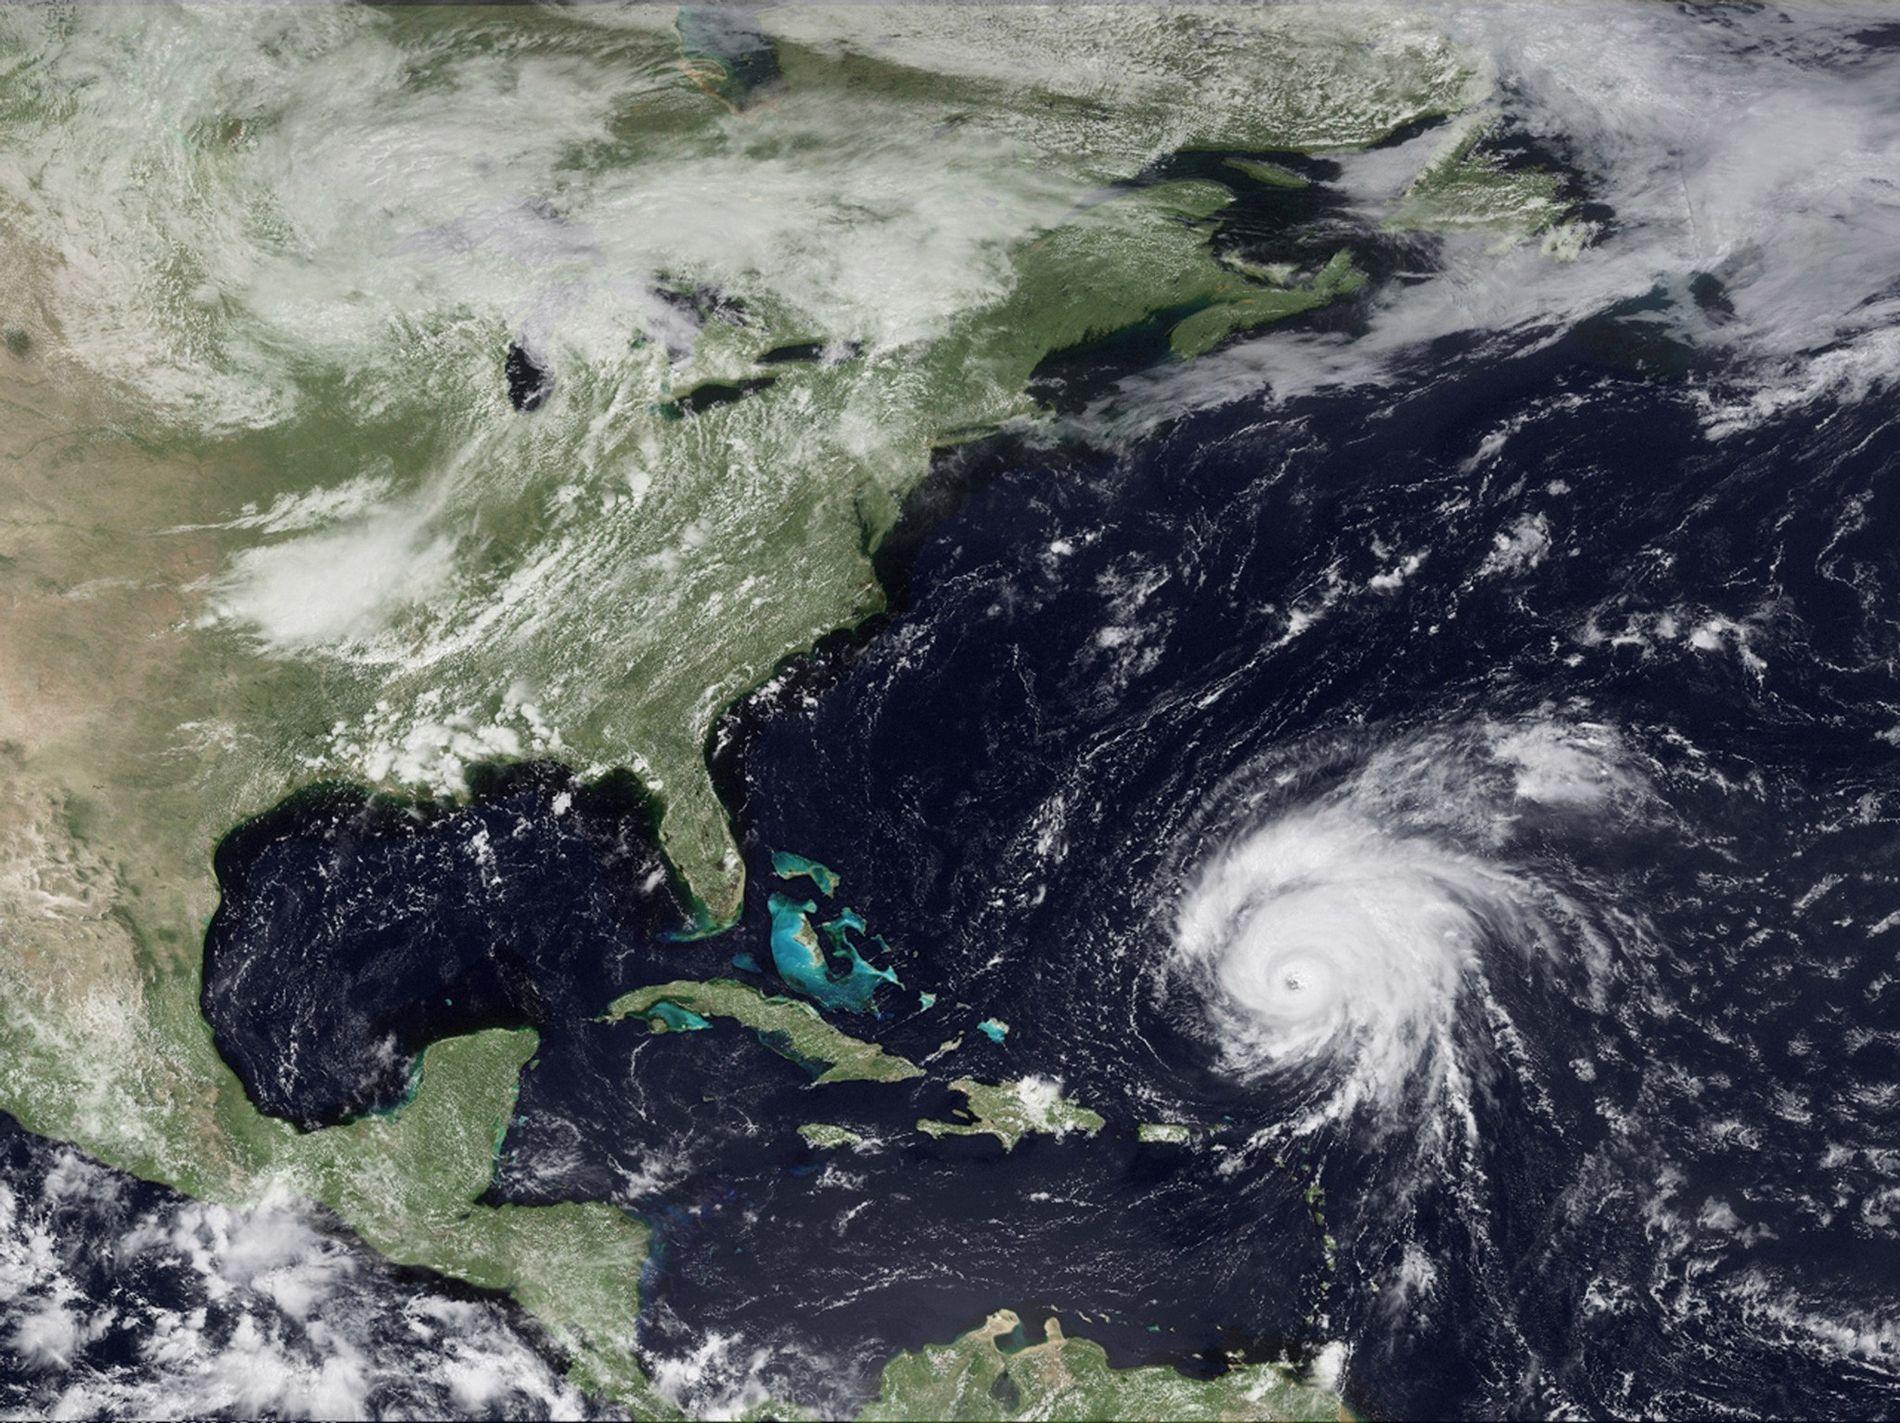 Para que se produzcan estos fenómenos, tormentas gigantes deben agitar un área con la configuración geológica ...